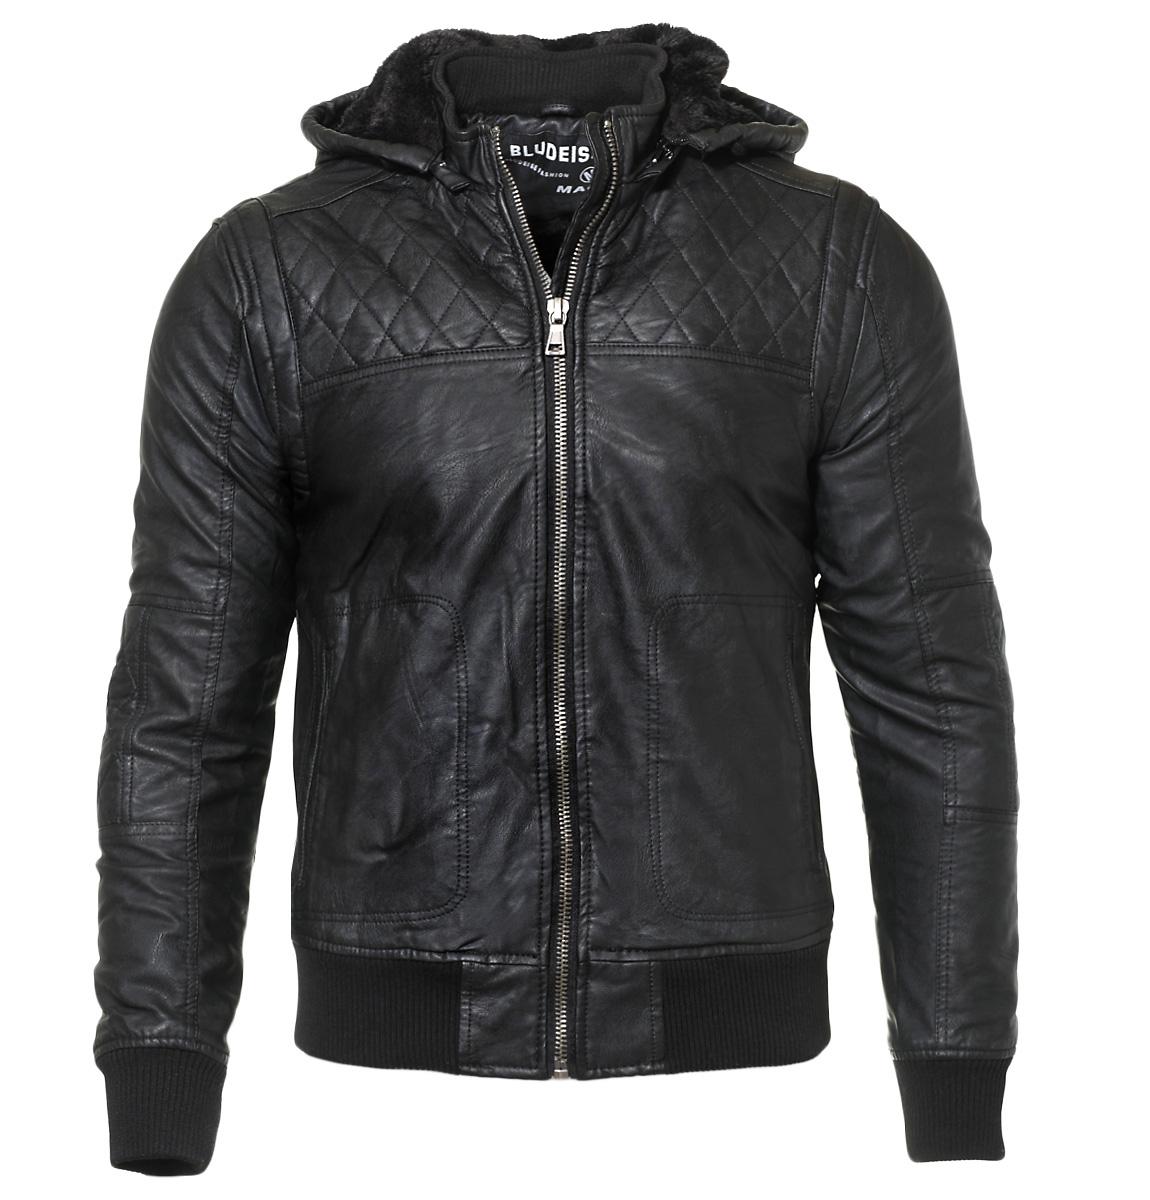 Ανδρικό Μπουφάν Bludeish Black αρχική ανδρικά ρούχα μπουφάν